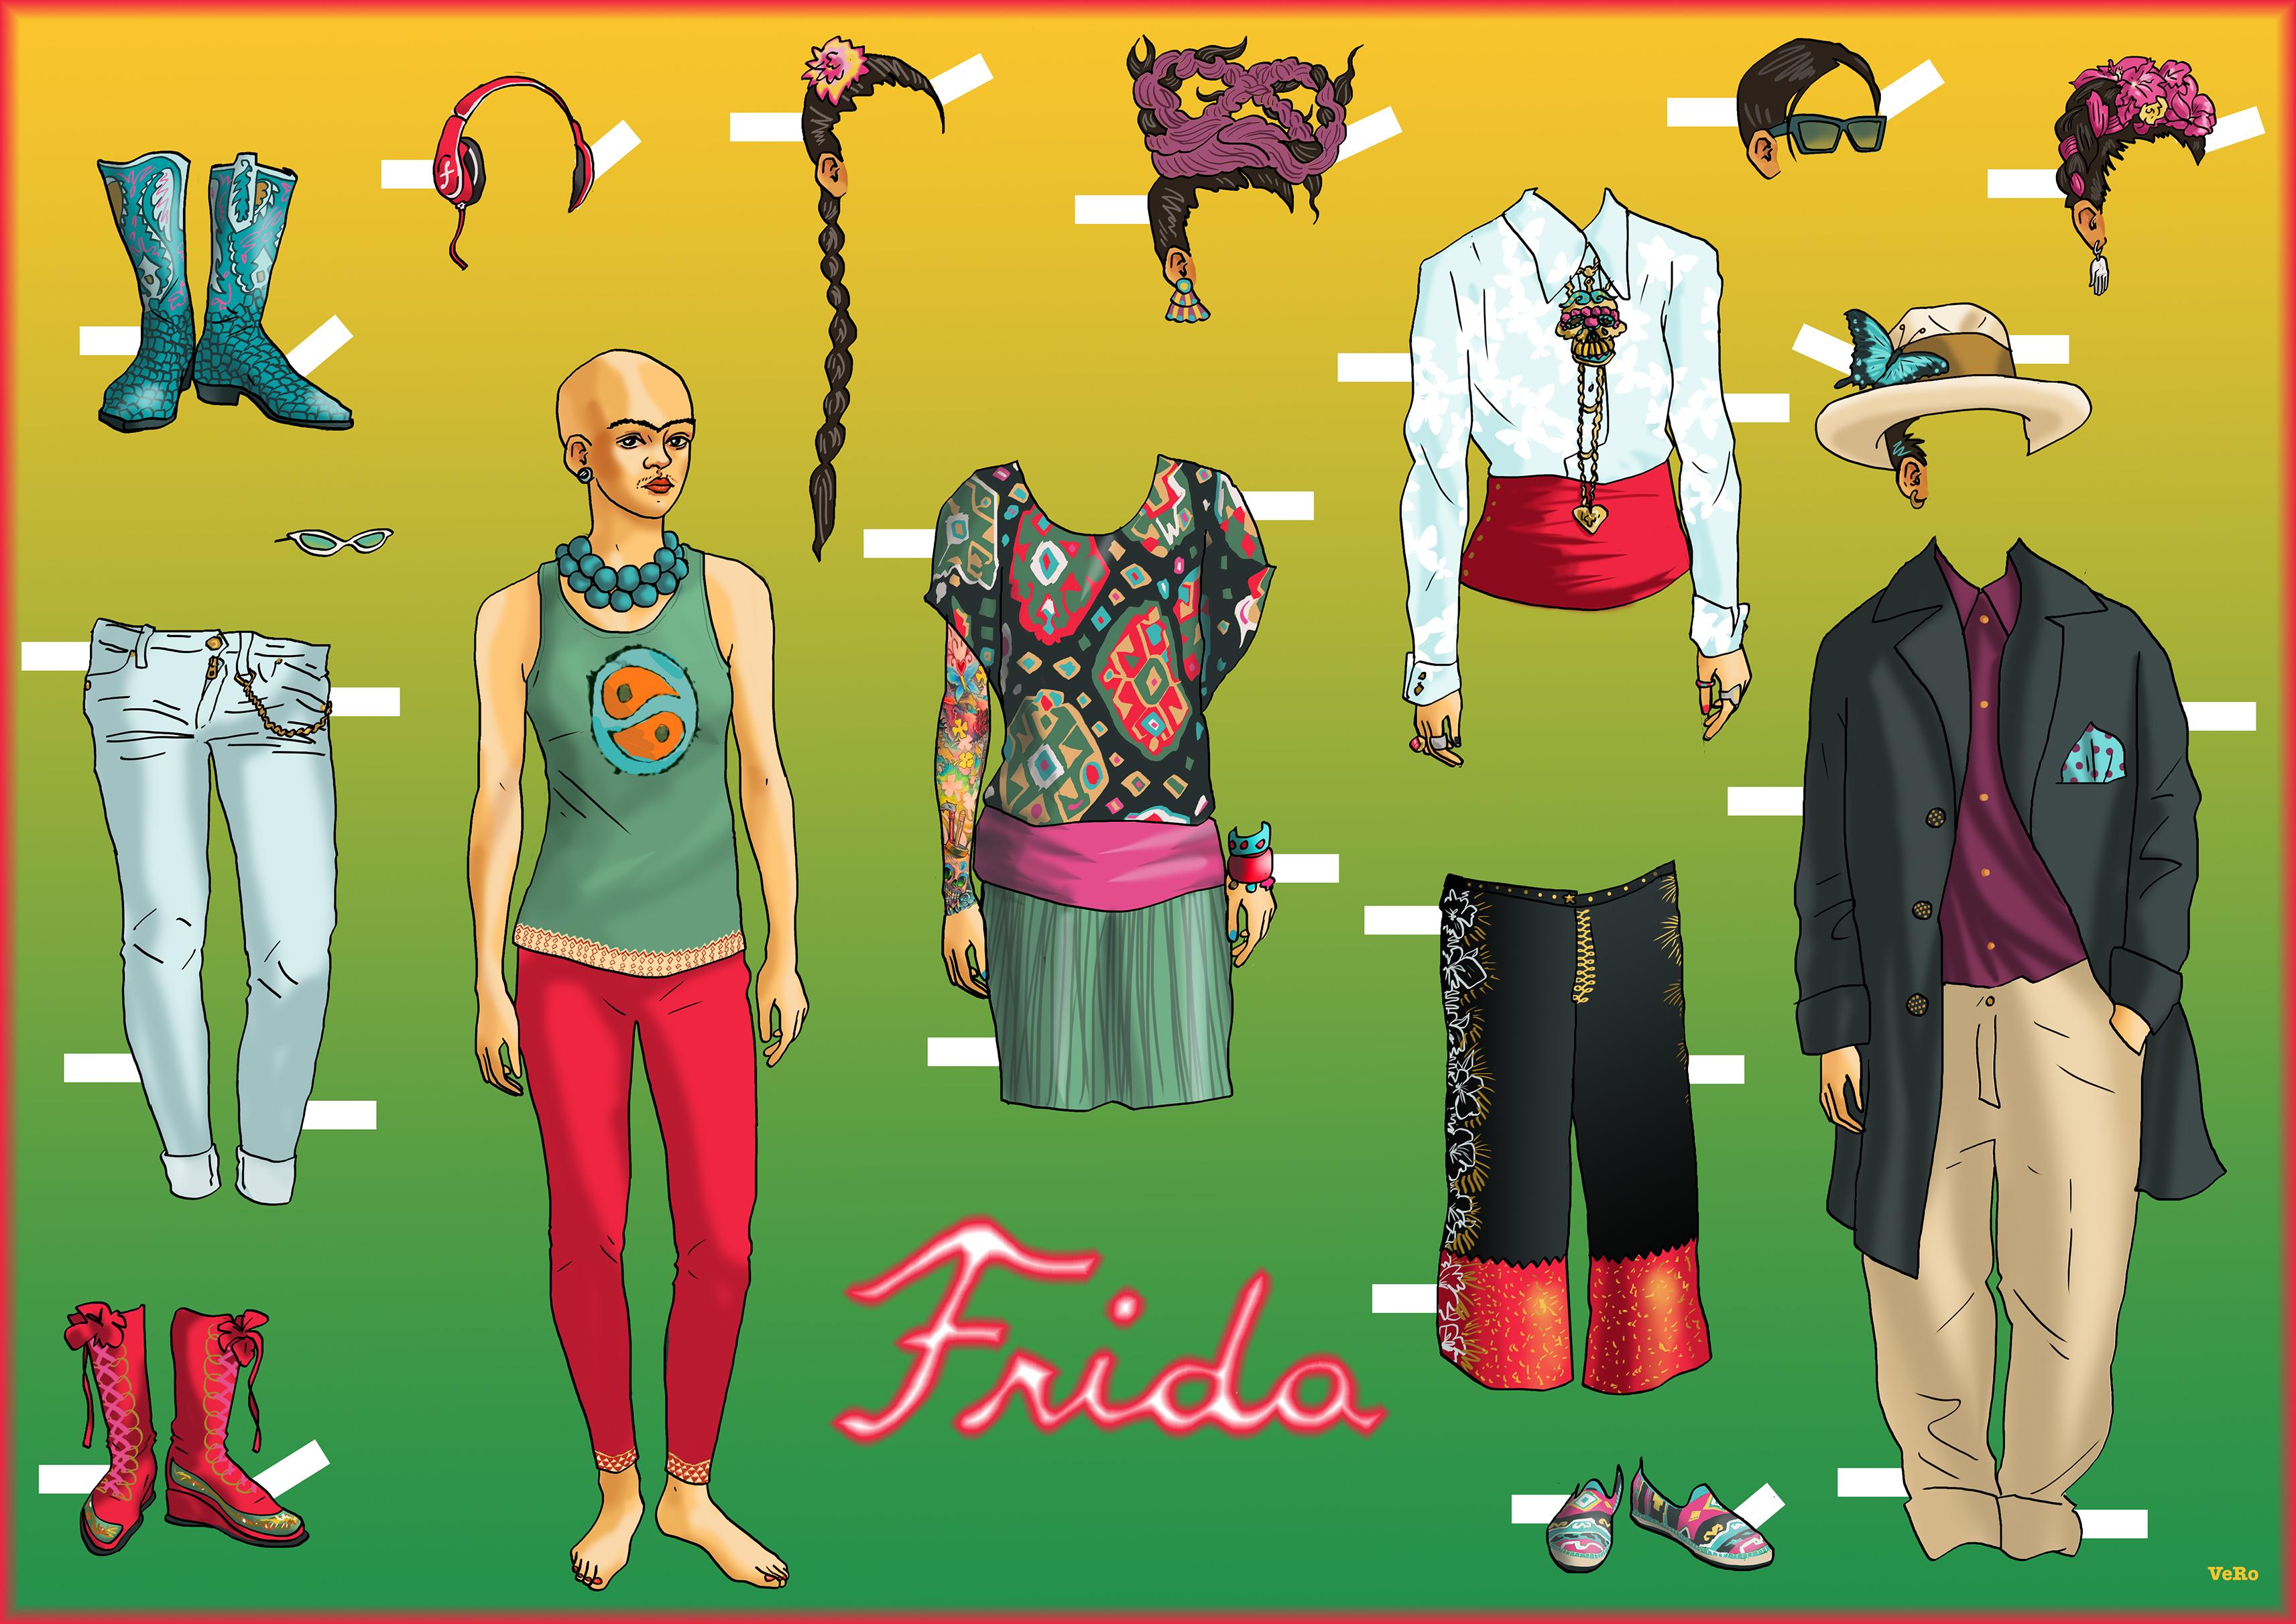 Frida Kahlo aankleedpopje door Vero Beauprez, 2018